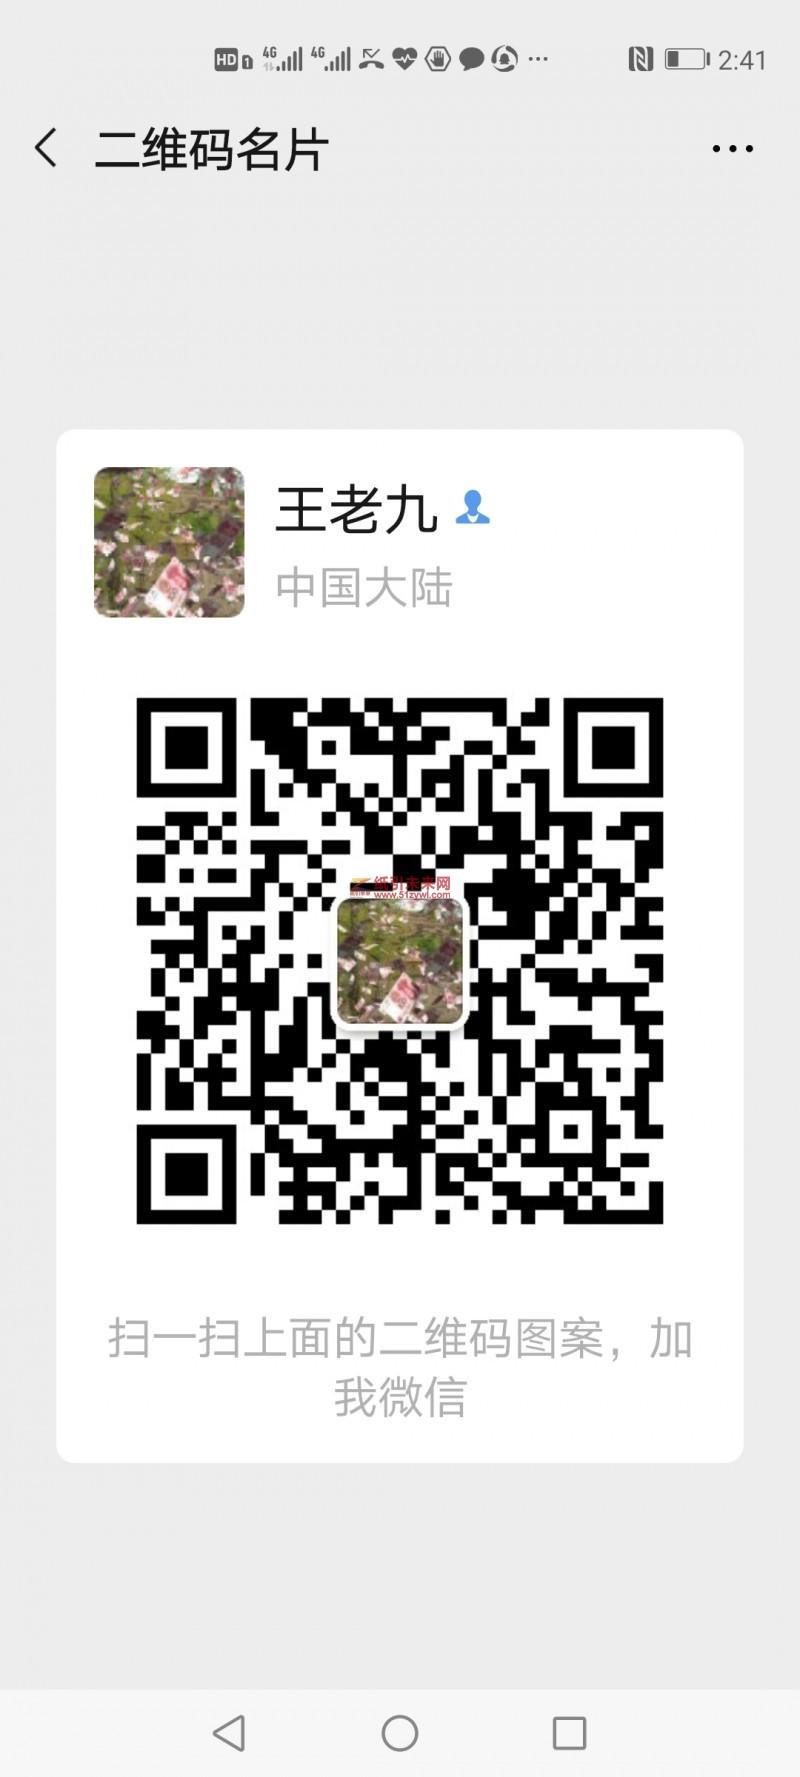 王经理 13507816083 生活纸 3